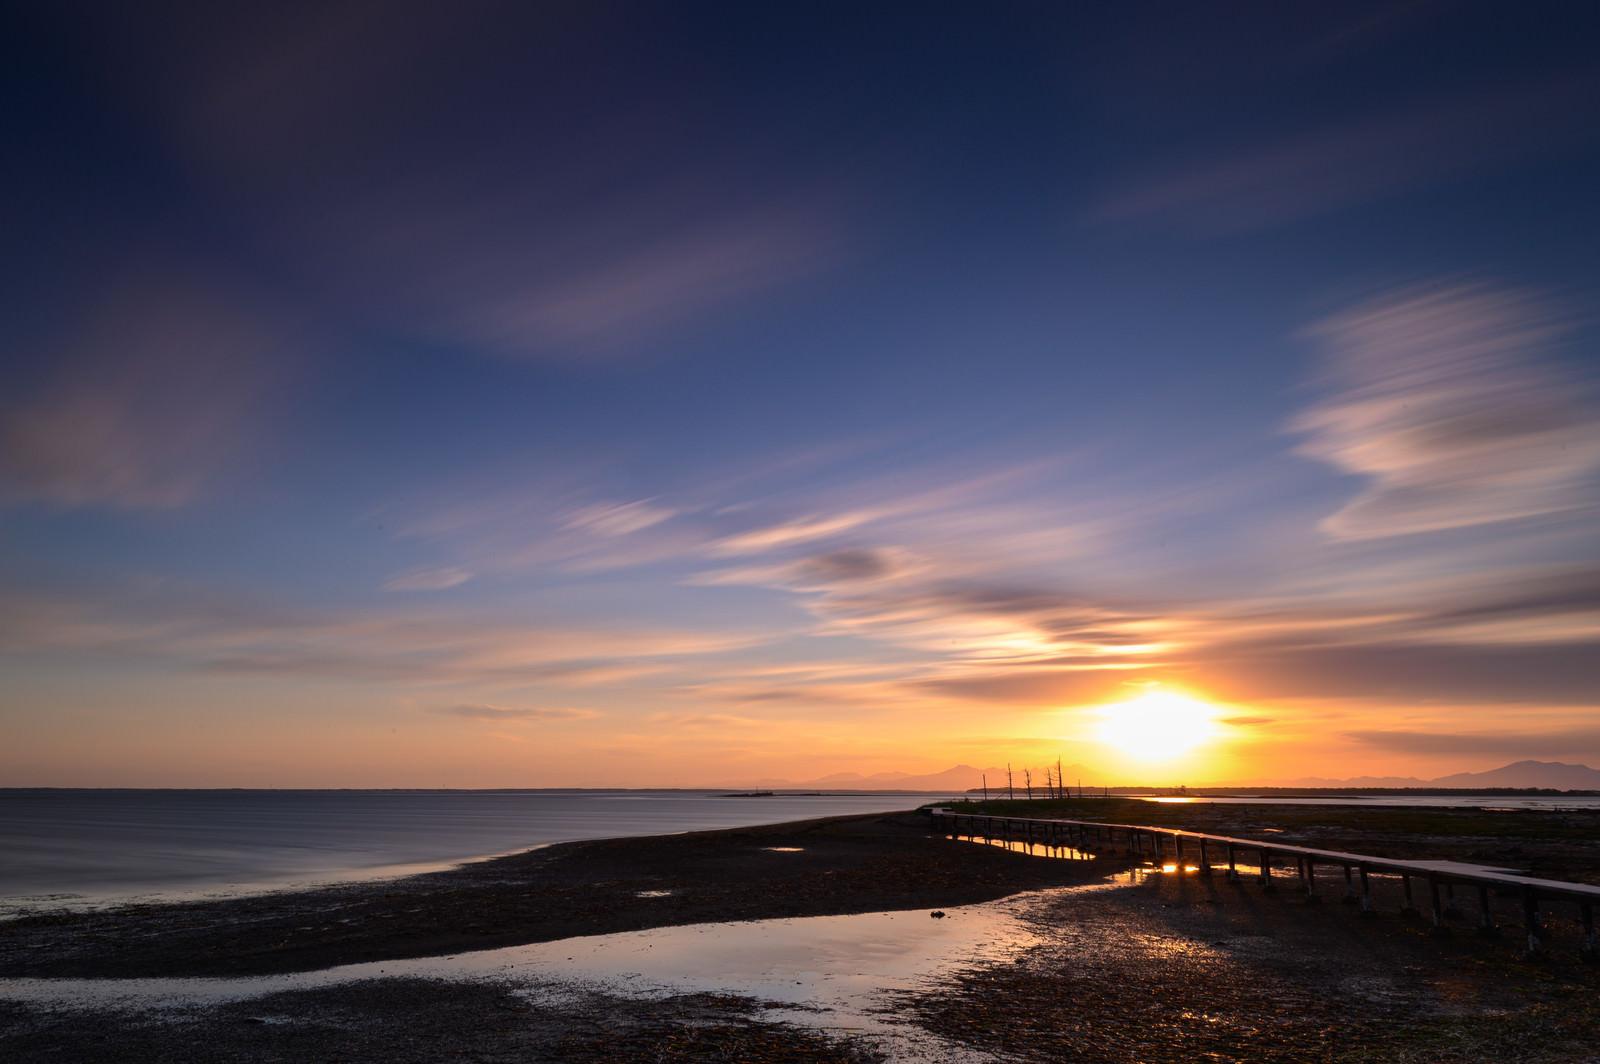 「野付半島の沈む夕日と桟橋」の写真